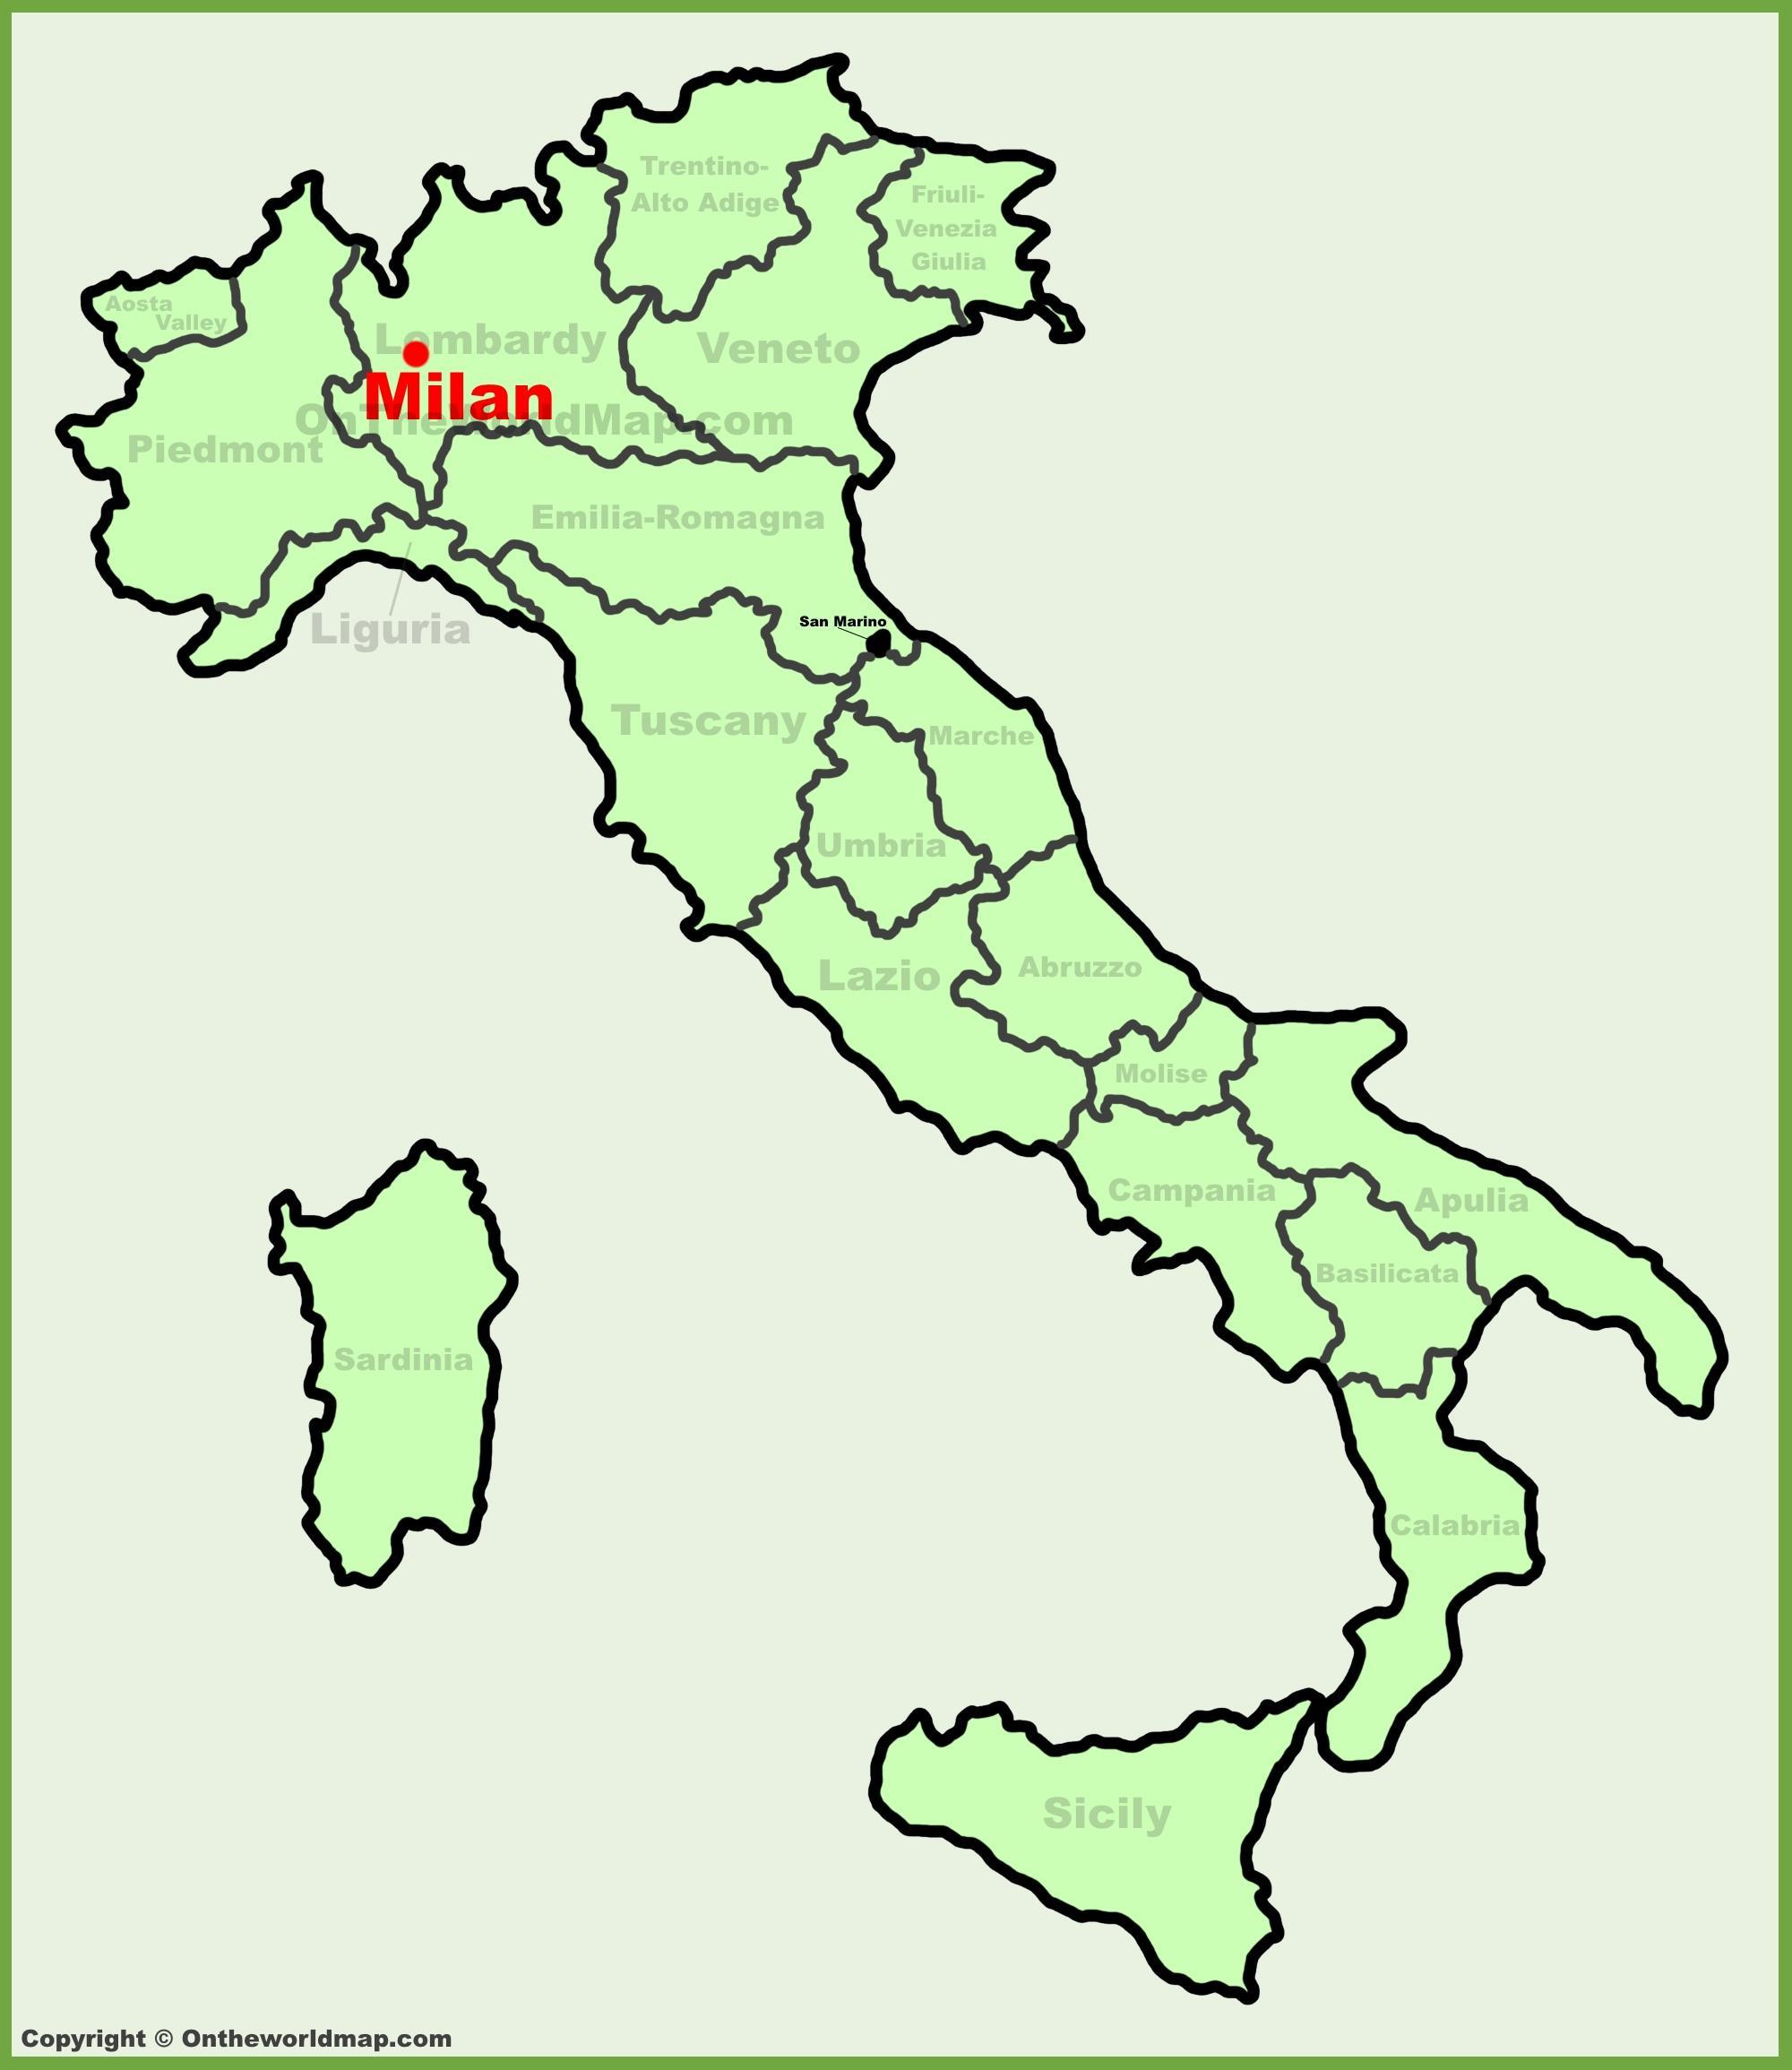 mailand landkarte italien Milan, Italien map   Karte von Italien zeigt, Mailand (Lombardei